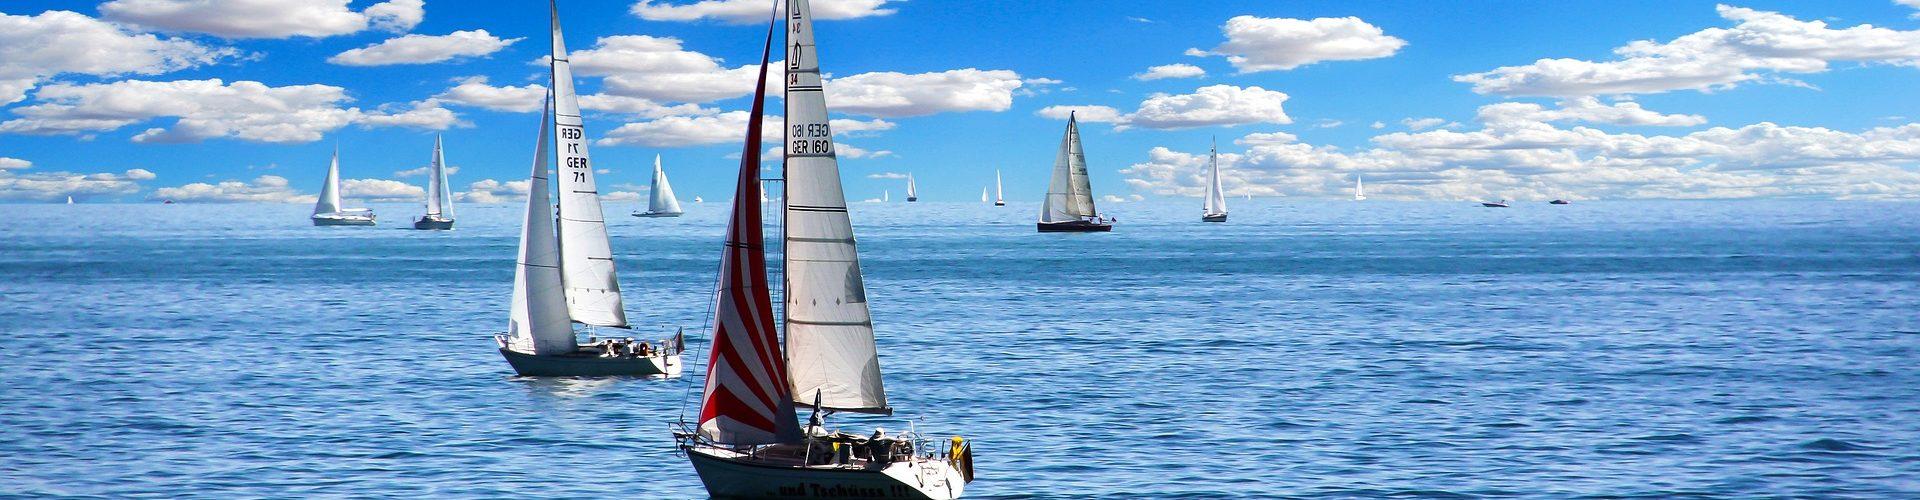 segeln lernen in Groß Köris segelschein machen in Groß Köris 1920x500 - Segeln lernen in Groß Köris